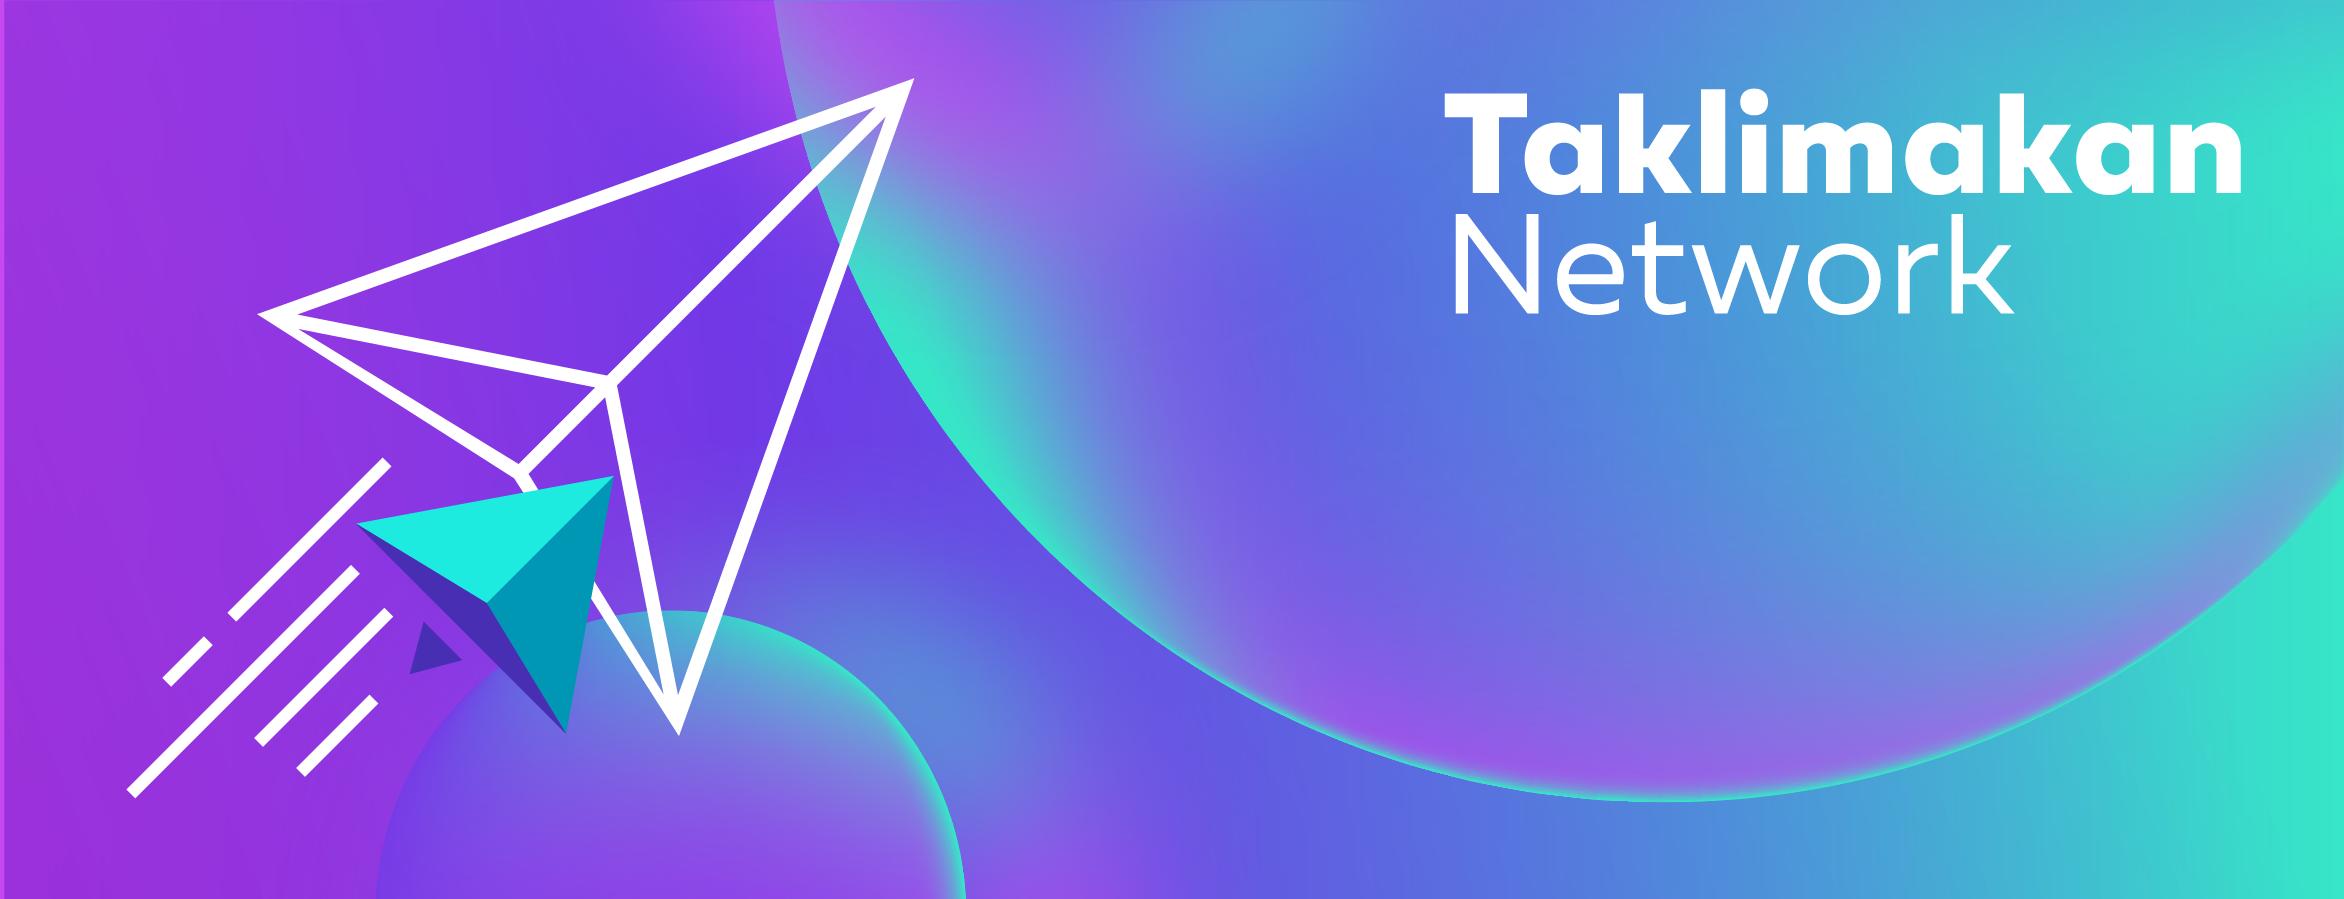 В Taklimakan призвали остерегаться мошенников после появления несанкционированных копий токенов TKLN на бирже YoBit